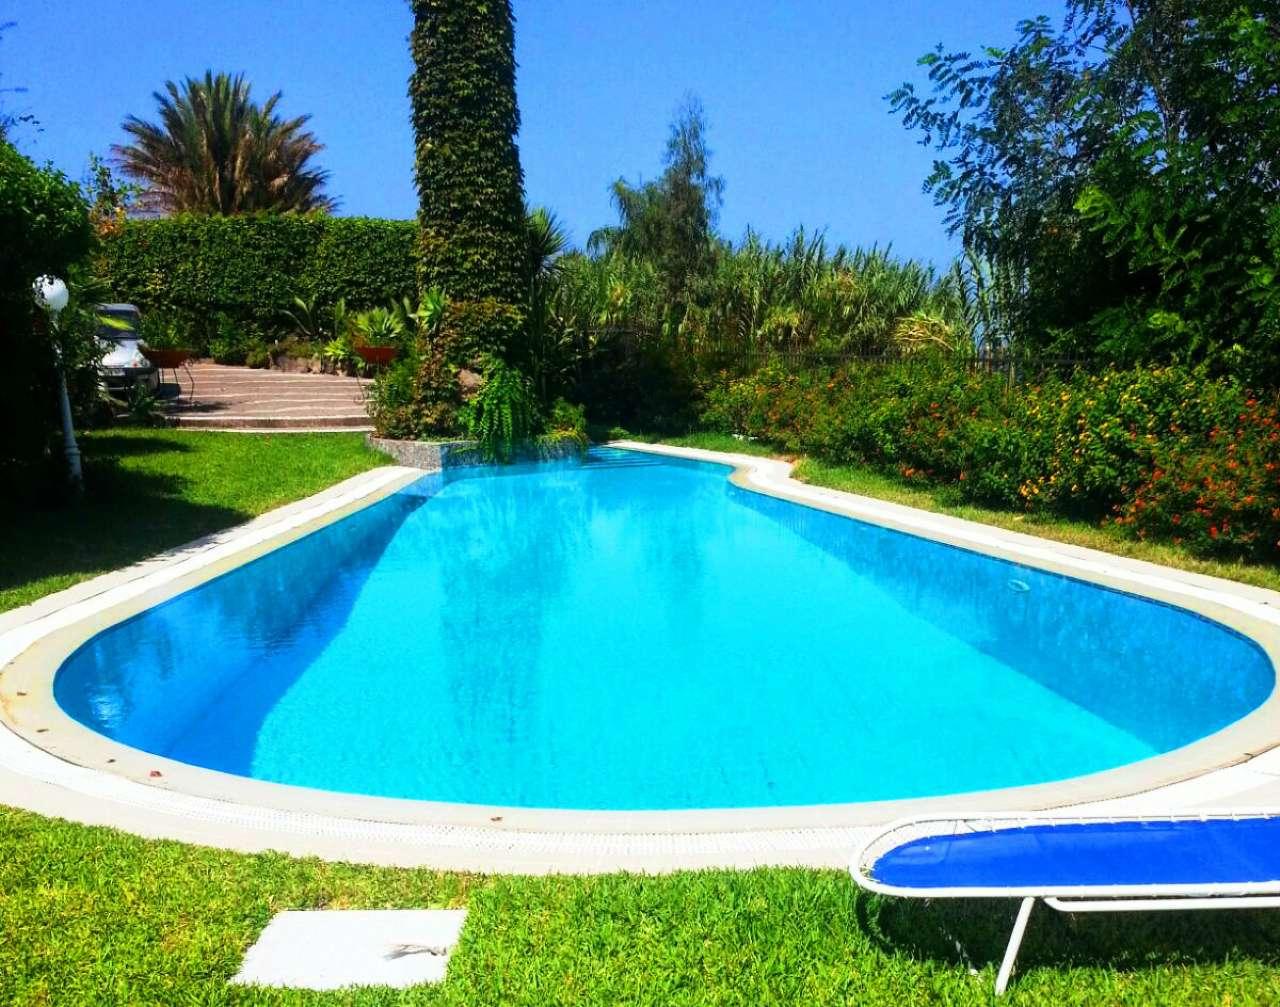 Villa in vendita a Ischia, 5 locali, Trattative riservate | Cambio Casa.it